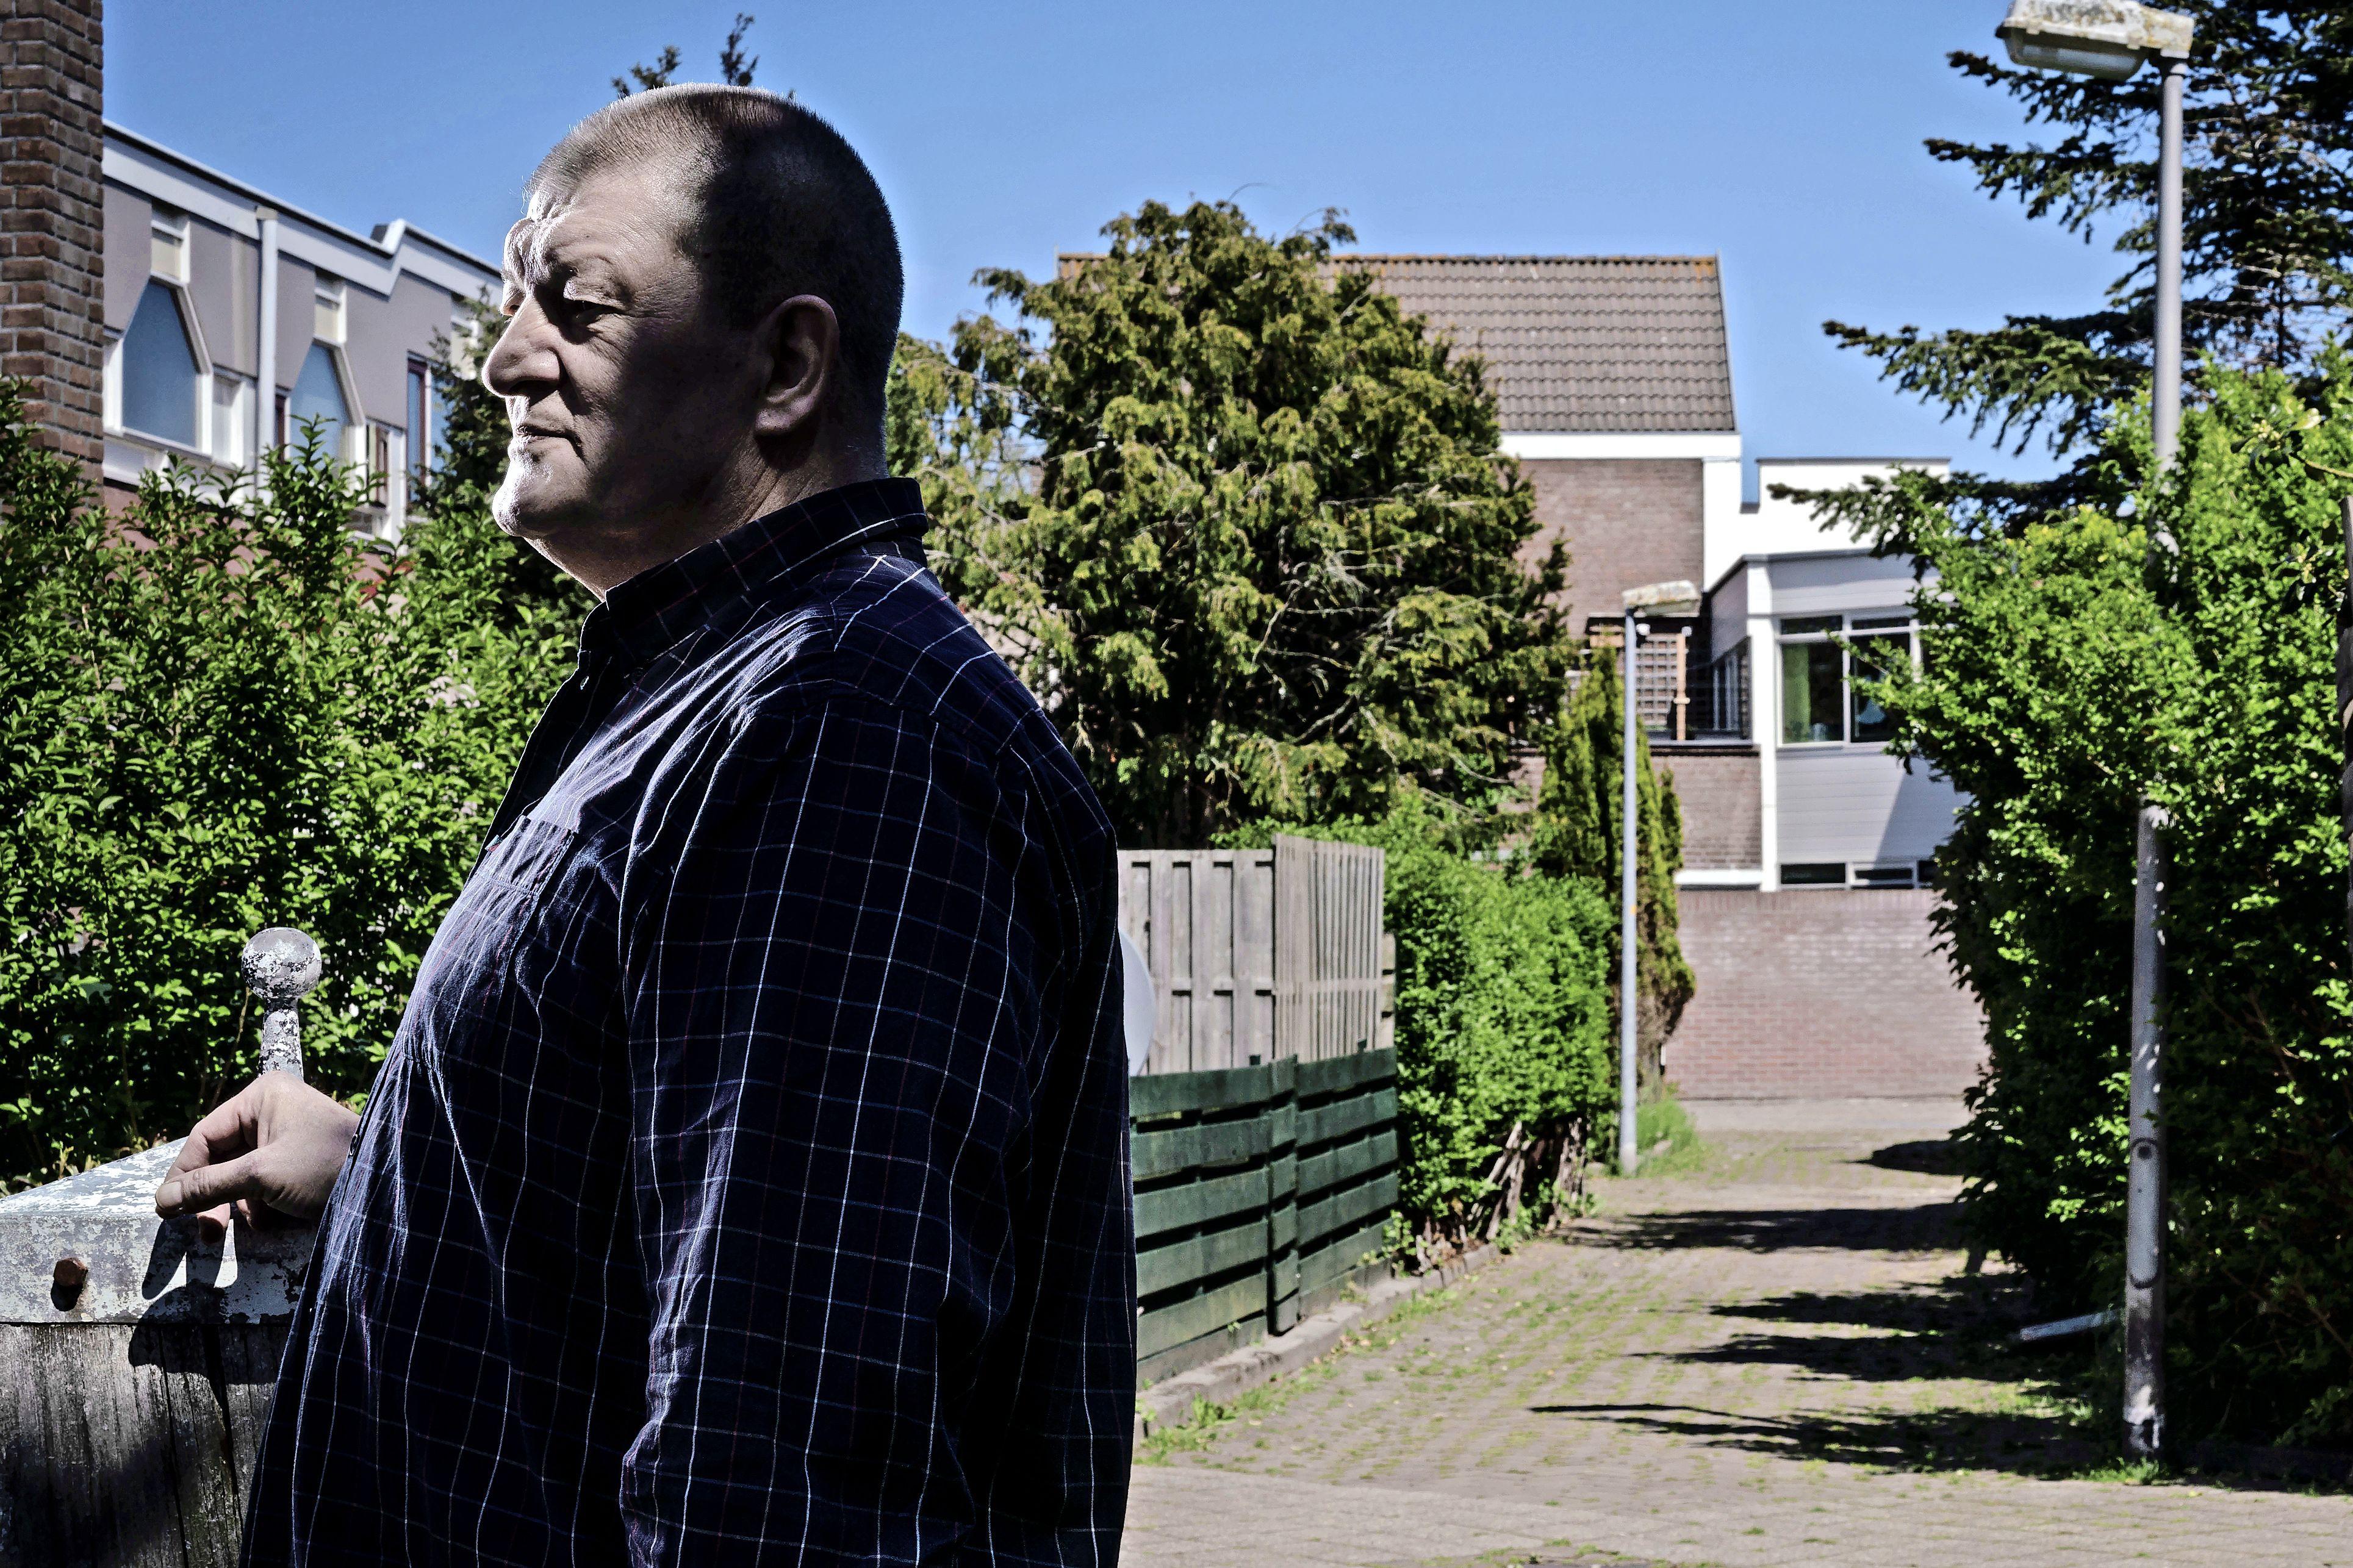 In de borstzak van zijn spijkeroverhemd zat steevast een granaat vastgetapet. Oud-topcrimineel Peter (64) zat in totaal 22 jaar vast. 'Justitie weet acht à negen procent van alles wat ik heb gedaan'